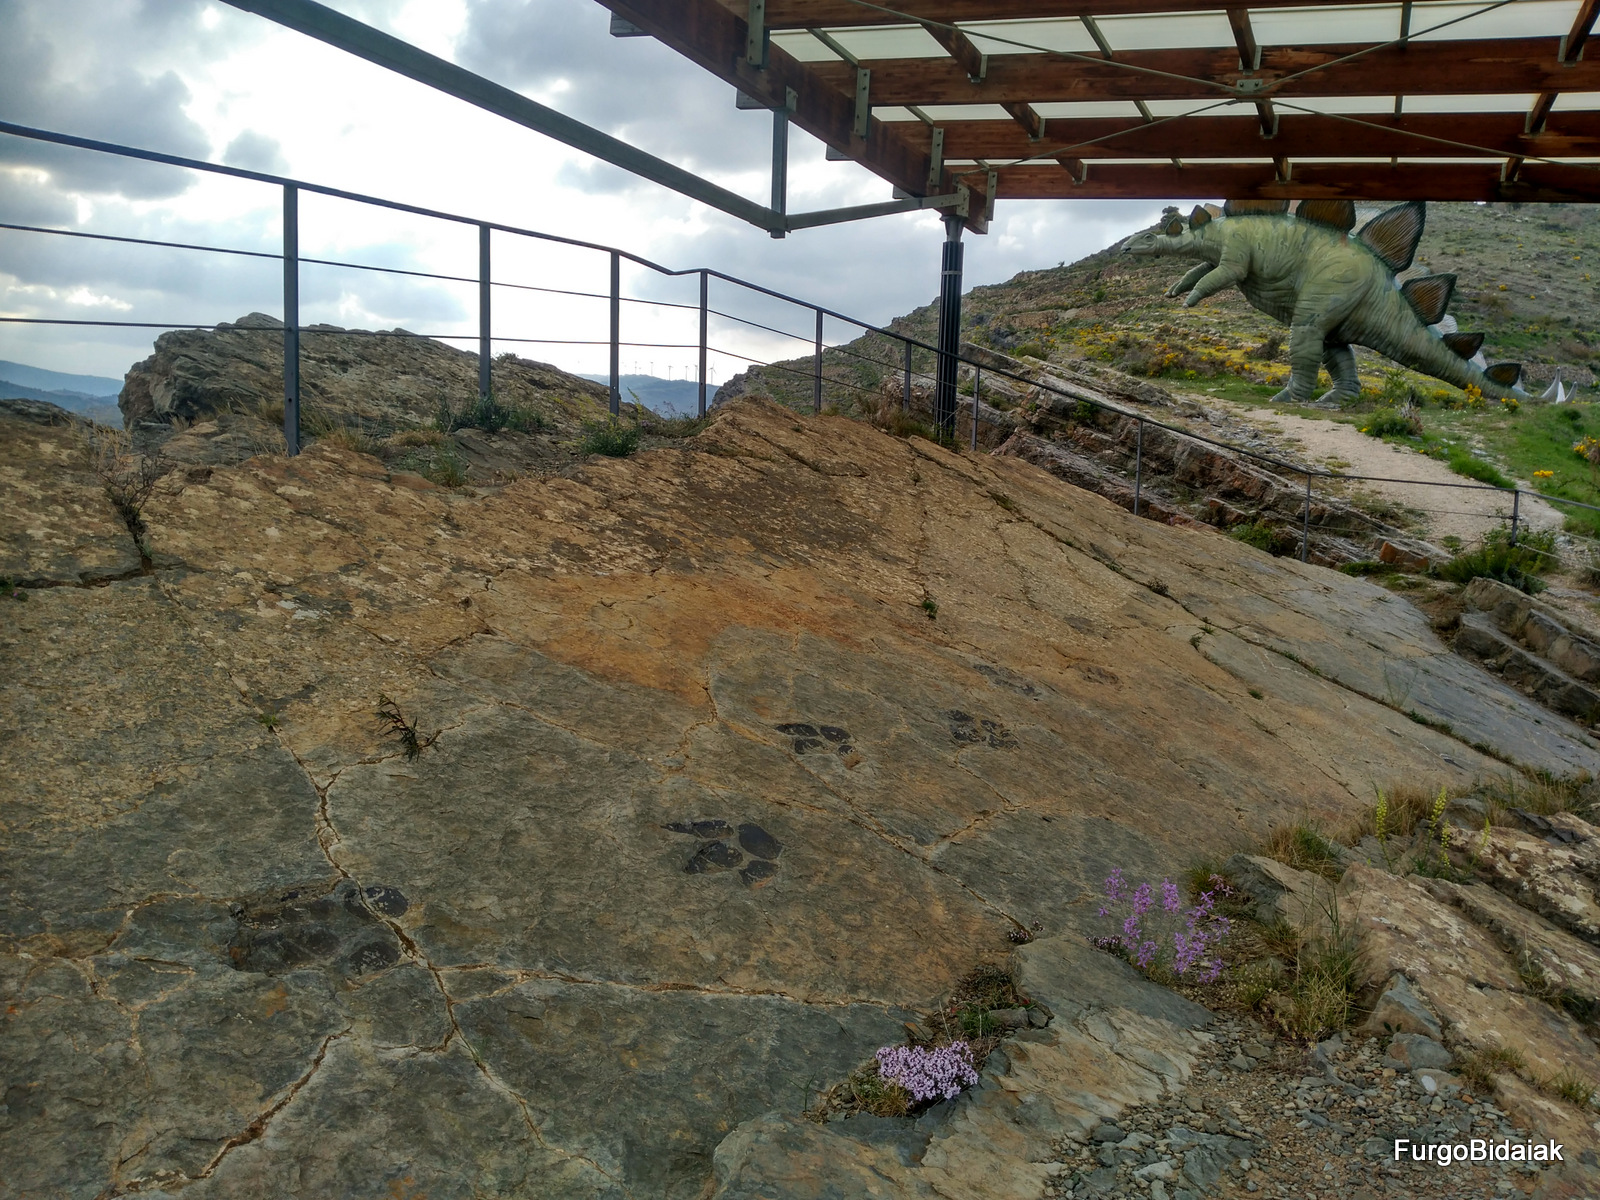 Ruta de los dinosaurios, Yacimiento Peñaportilla, La Rioja